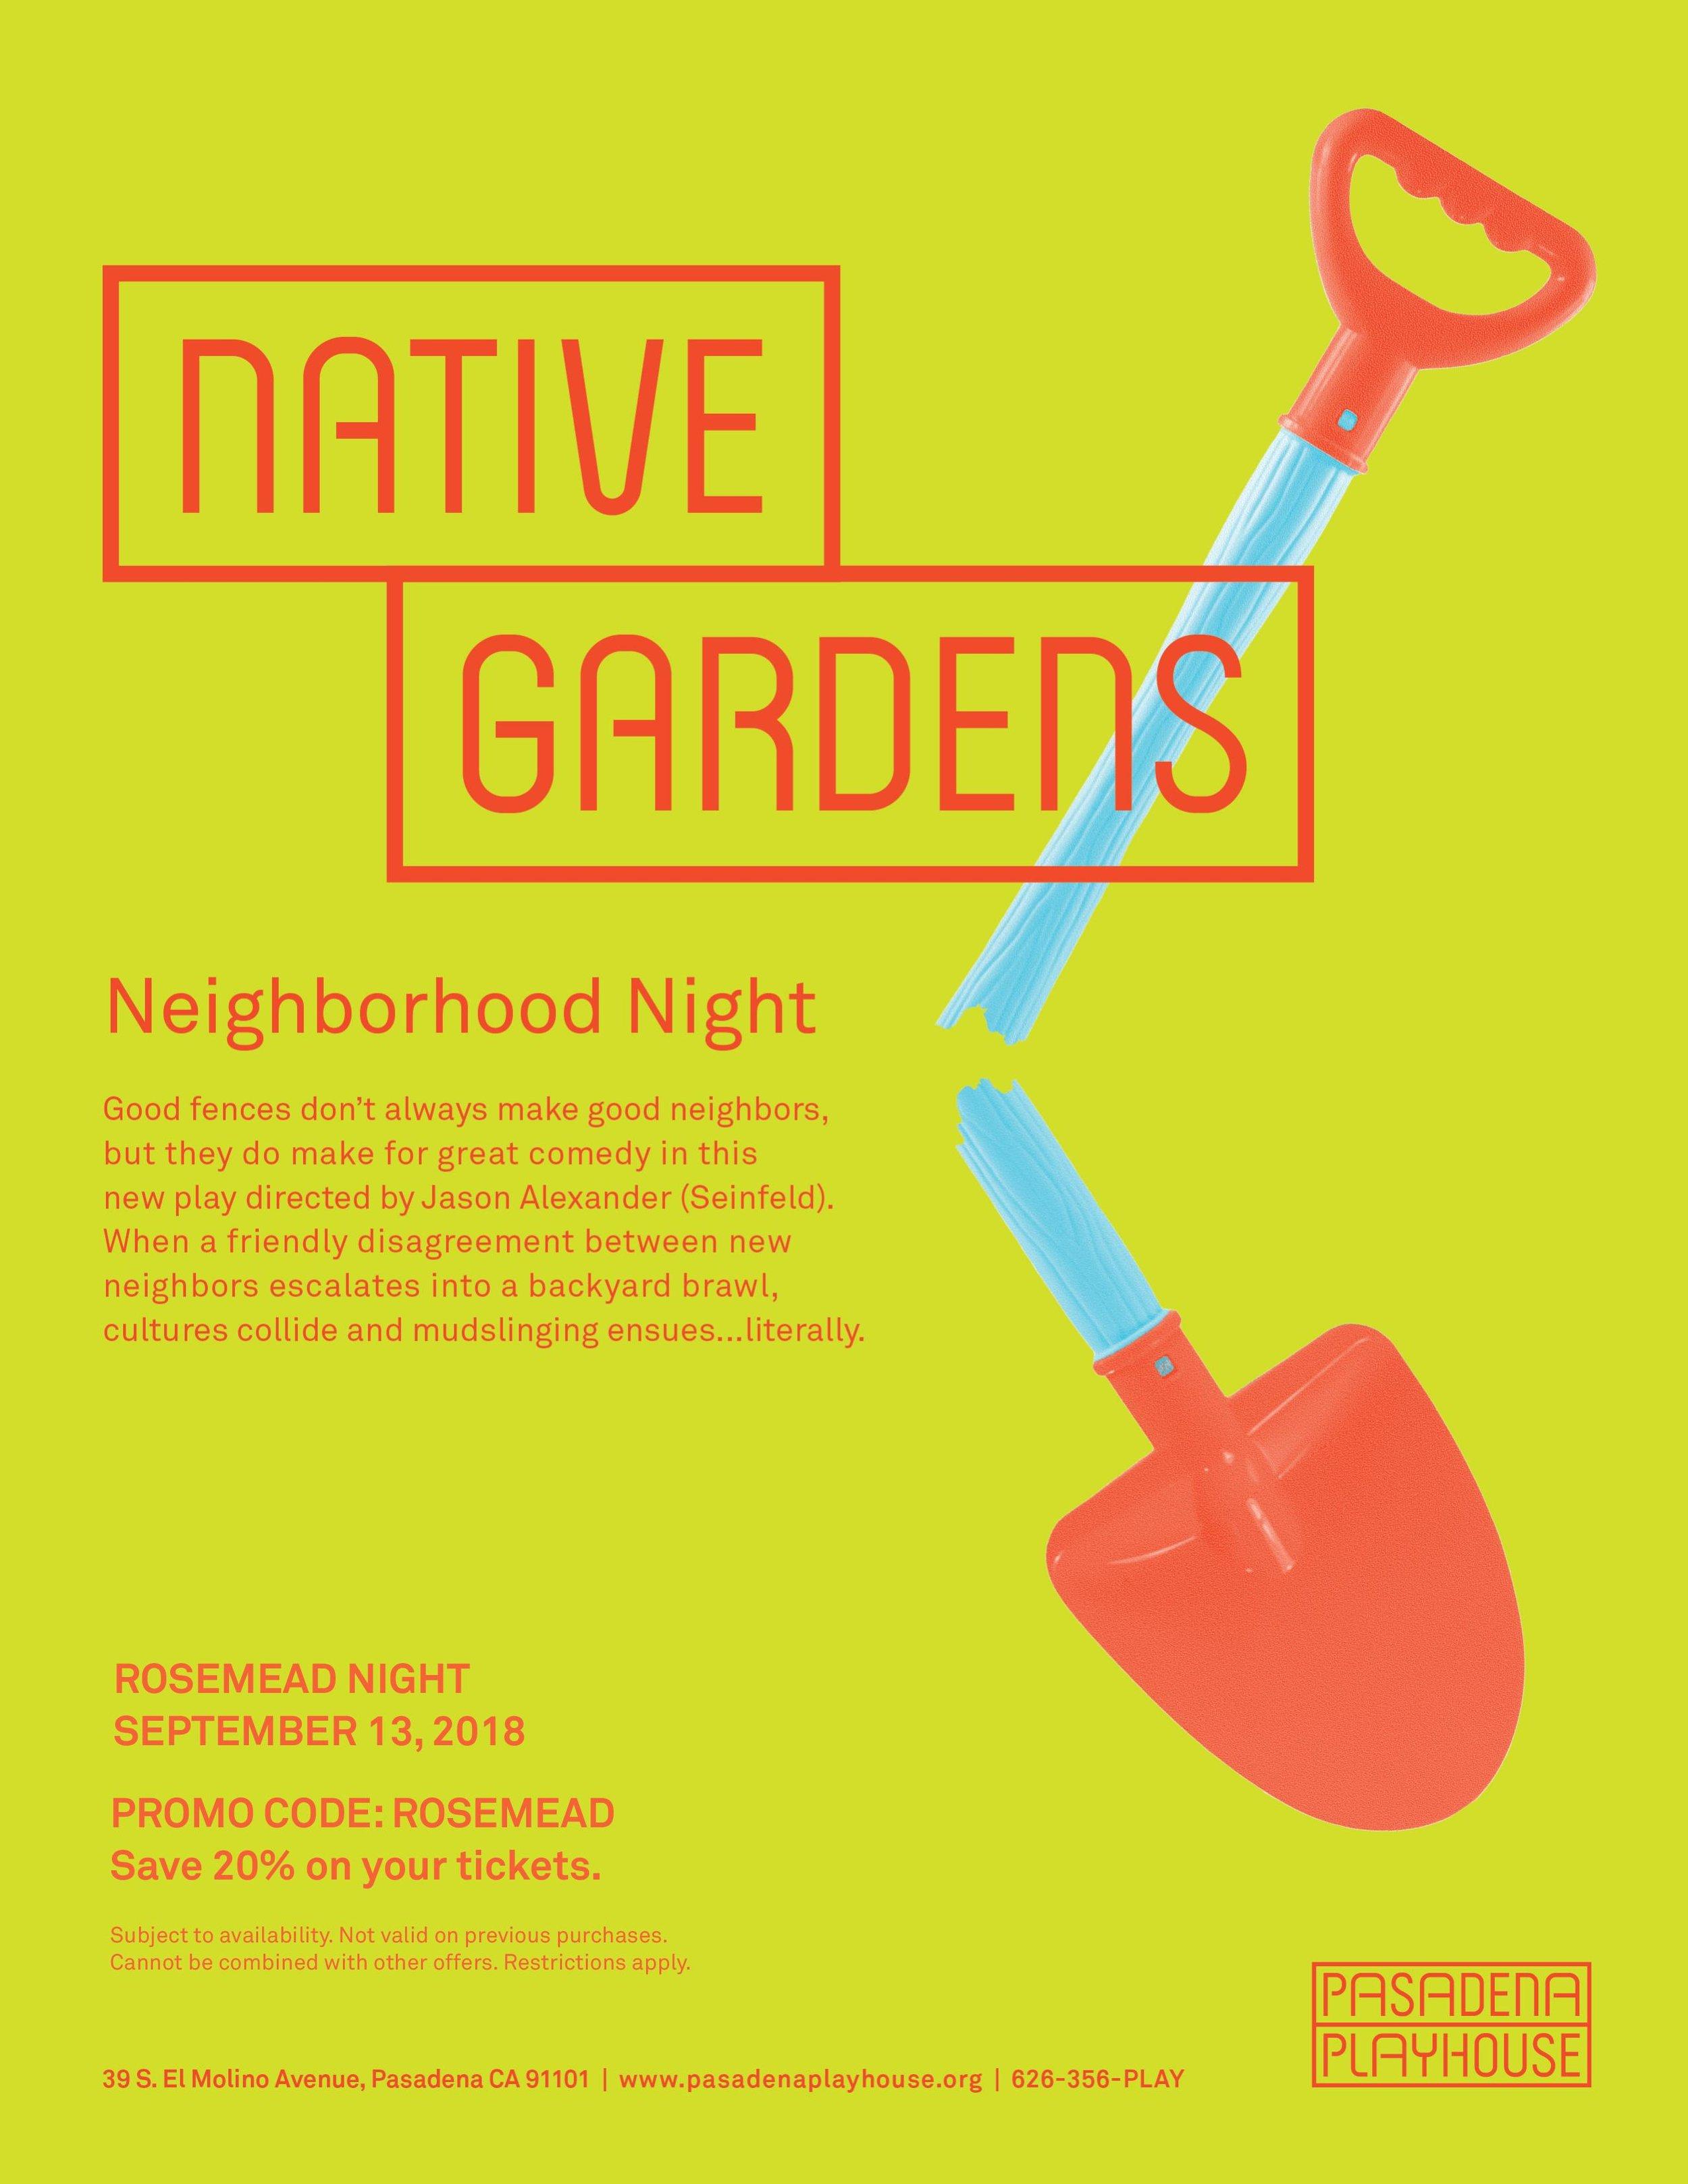 native gardens: rosemead night - September 13th, 2018